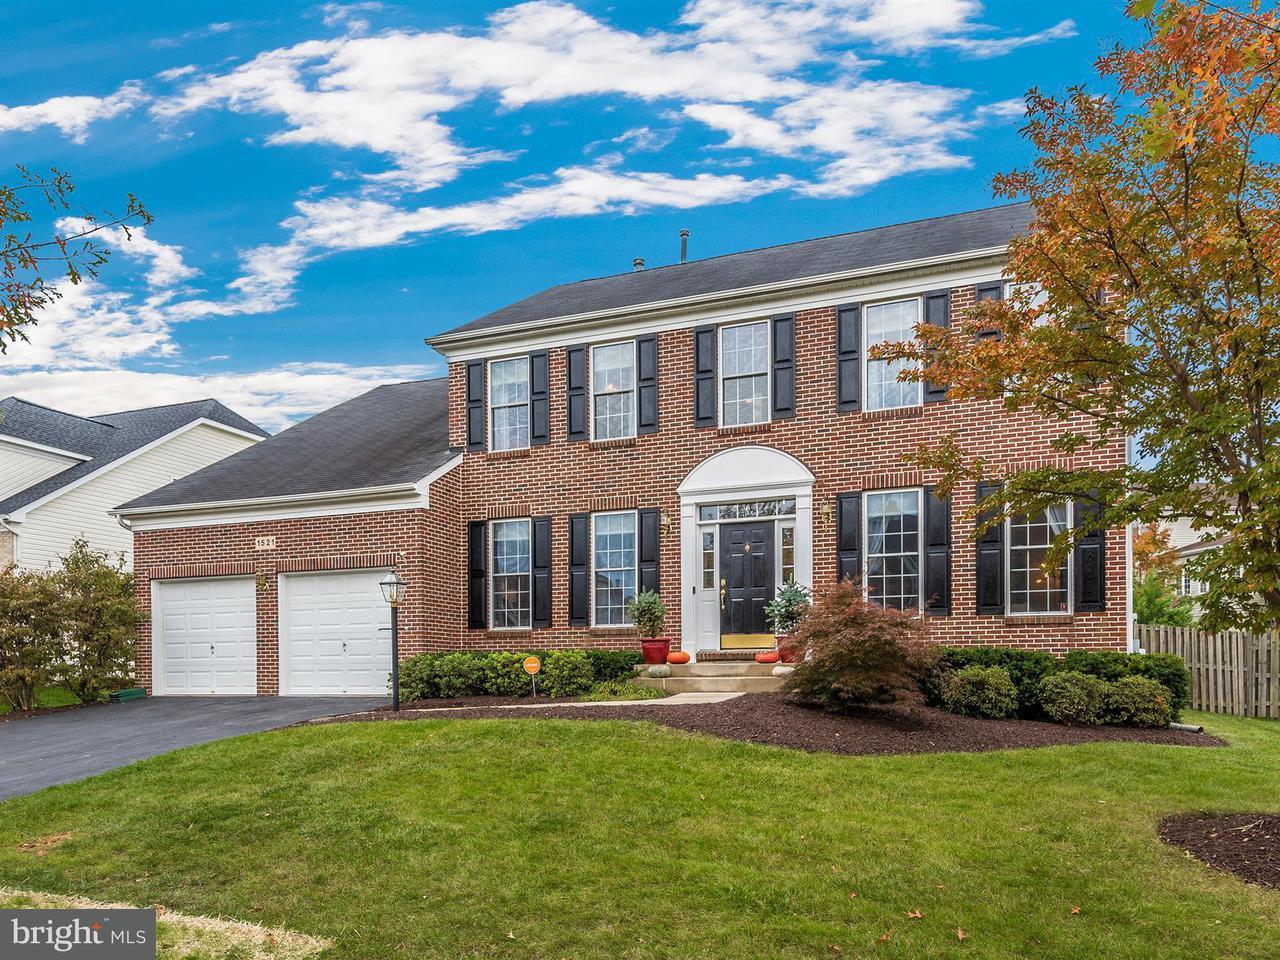 Casa Unifamiliar por un Venta en 1521 STAR STELLA Drive 1521 STAR STELLA Drive Odenton, Maryland 21113 Estados Unidos